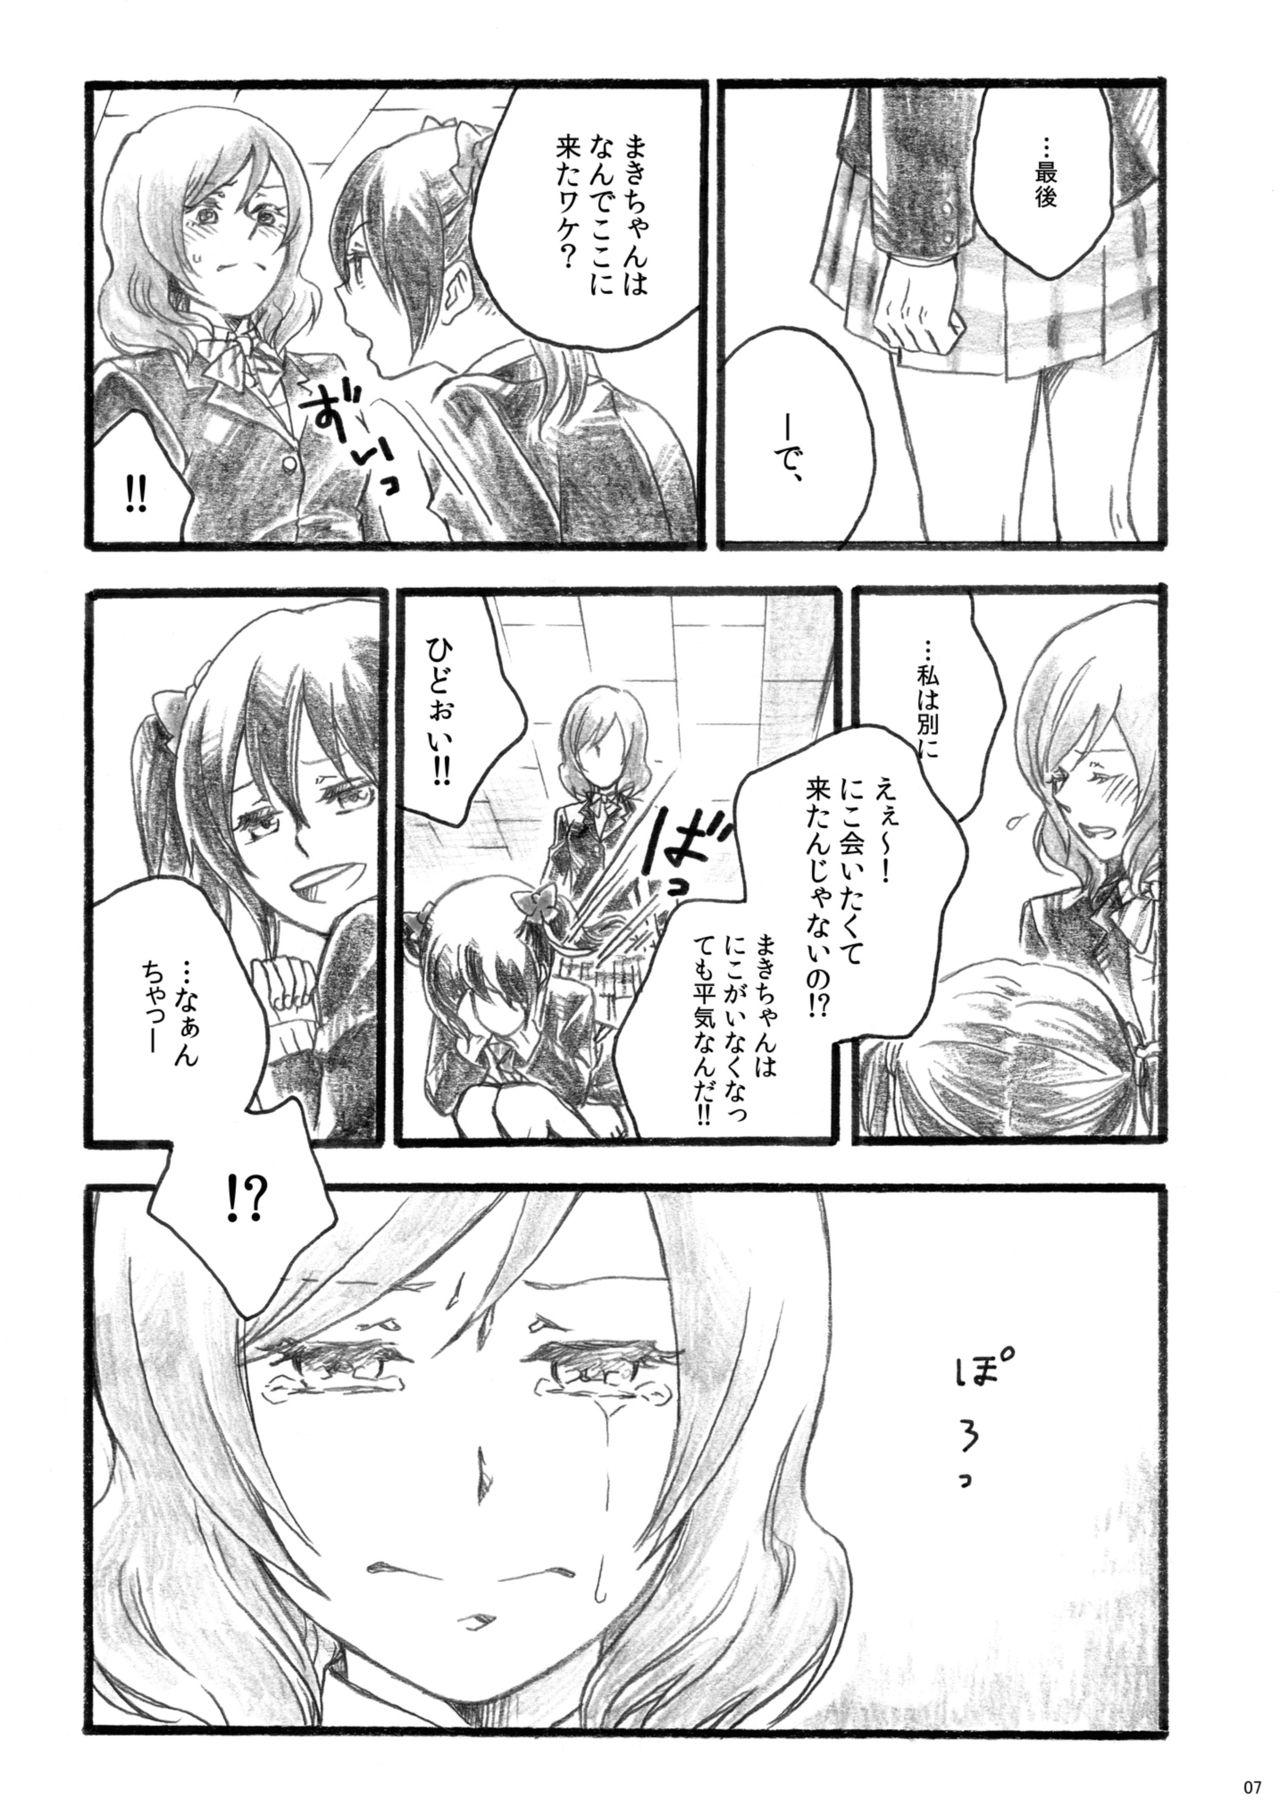 Sakura no ato 6